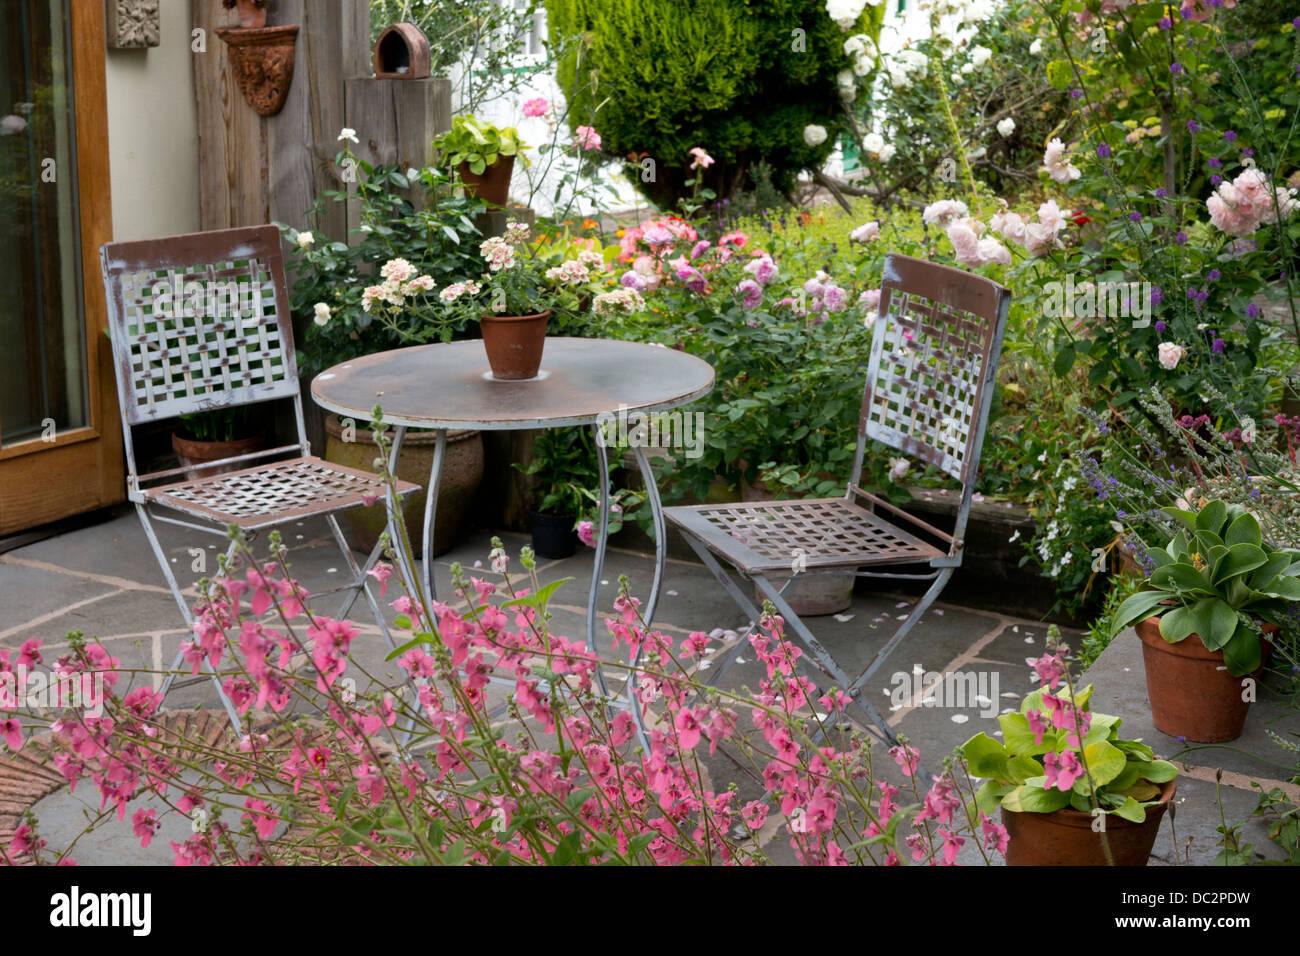 English Summer stone patio con muebles de jardín de metal bordeado ...